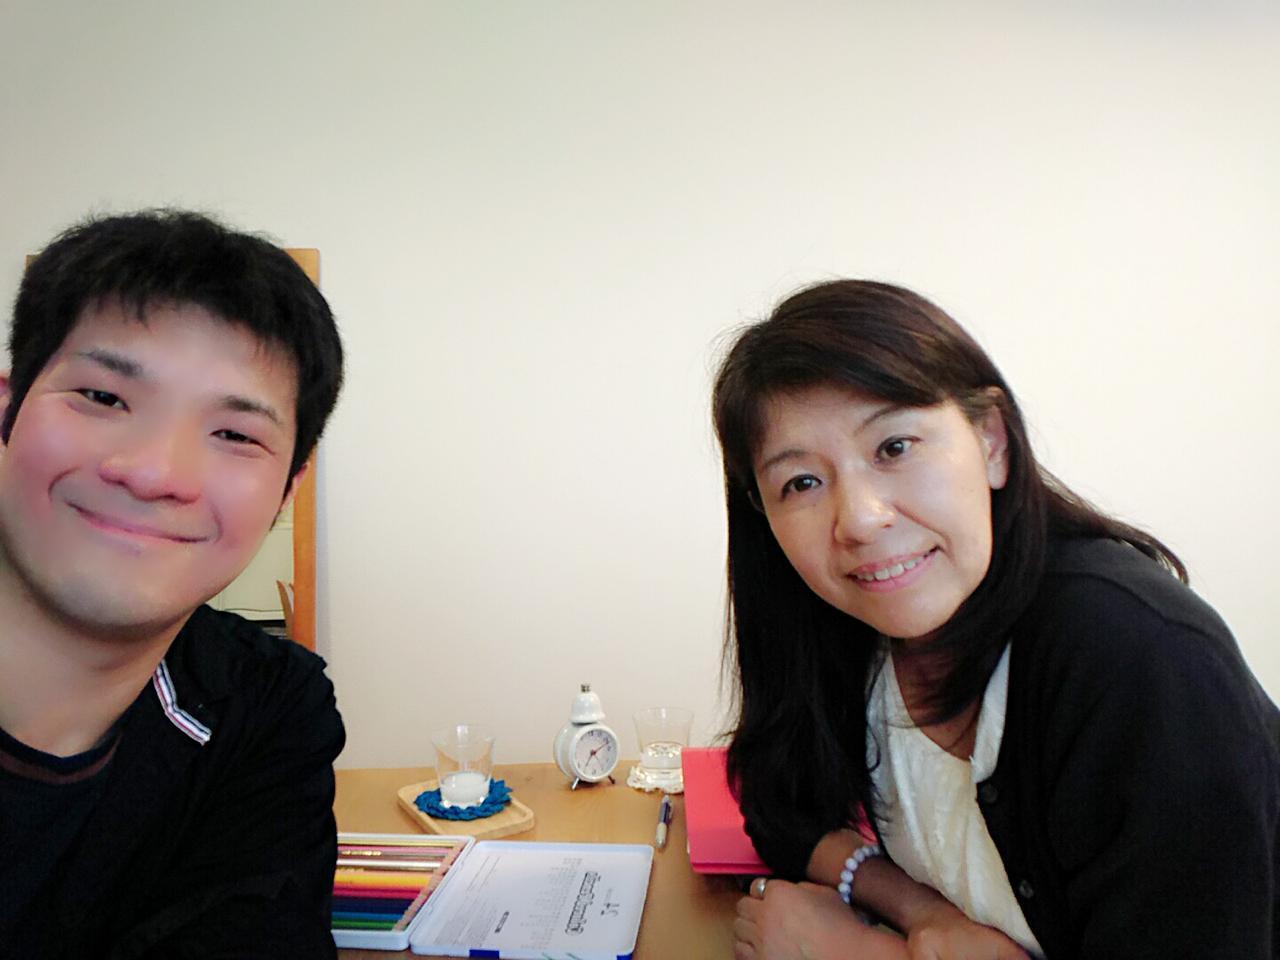 藤田さんとの写真